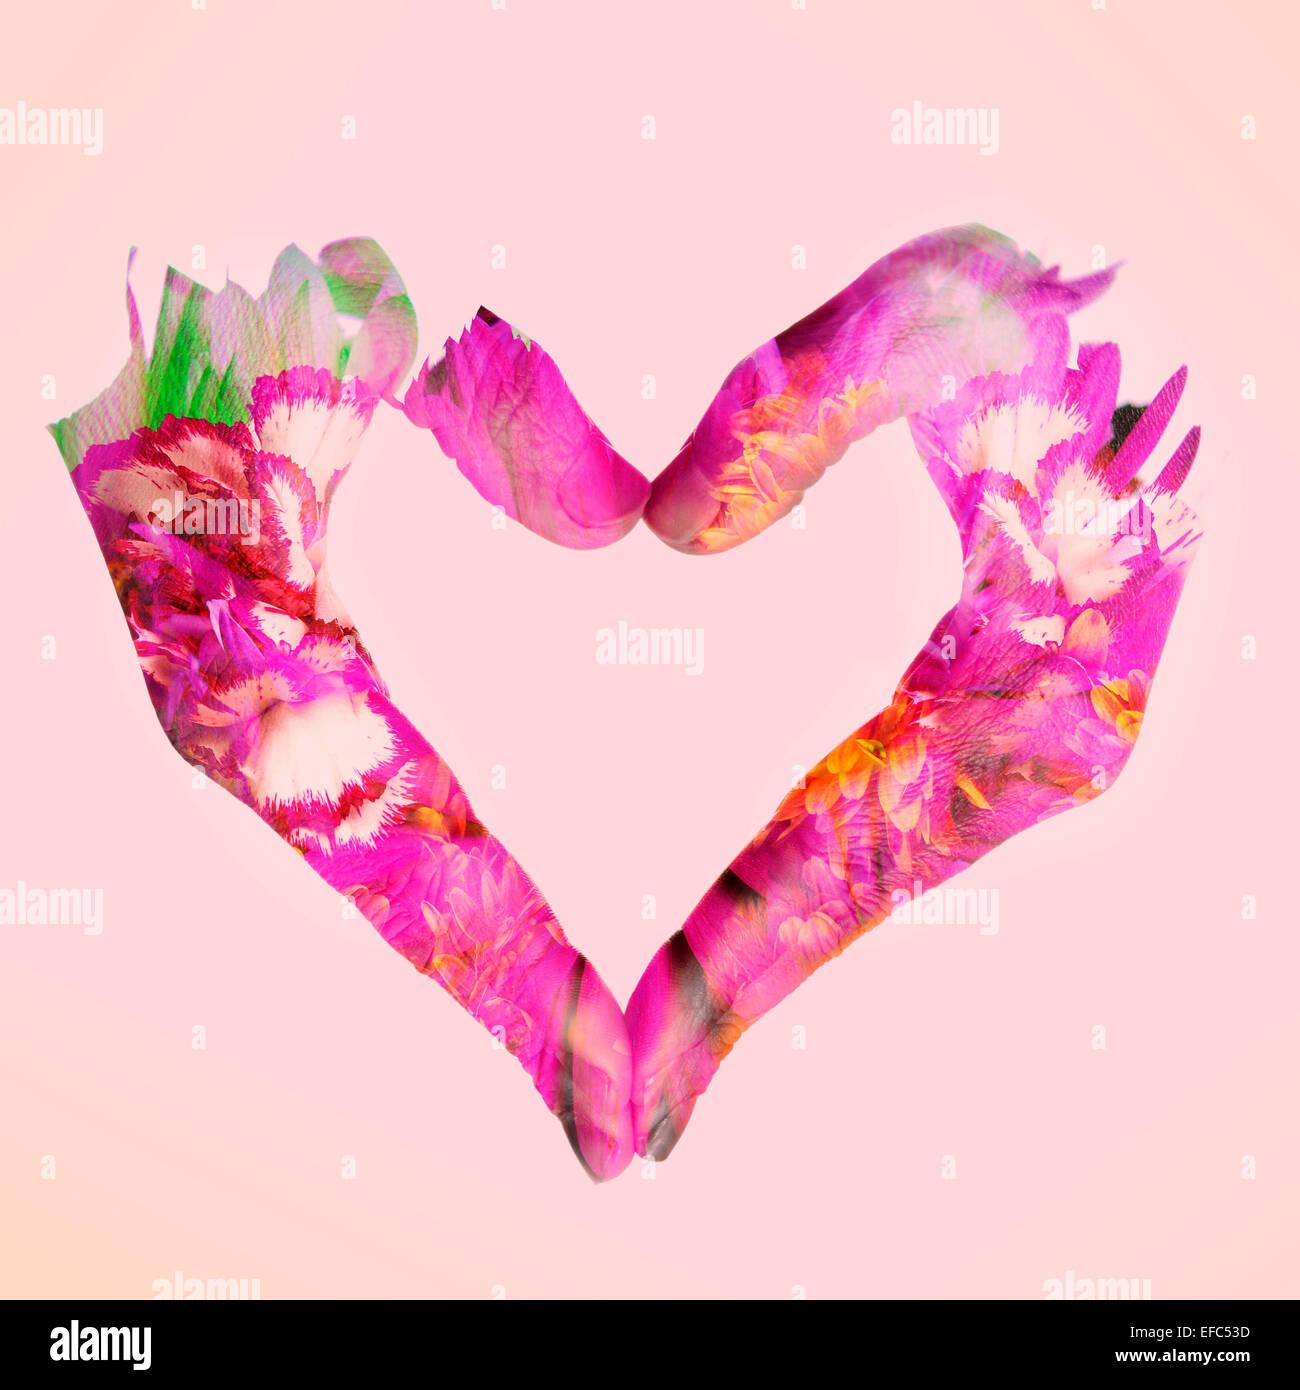 Doppelbelichtung Frau Hände bilden ein Herz und Blumen, auf einem rosa Hintergrund Stockbild